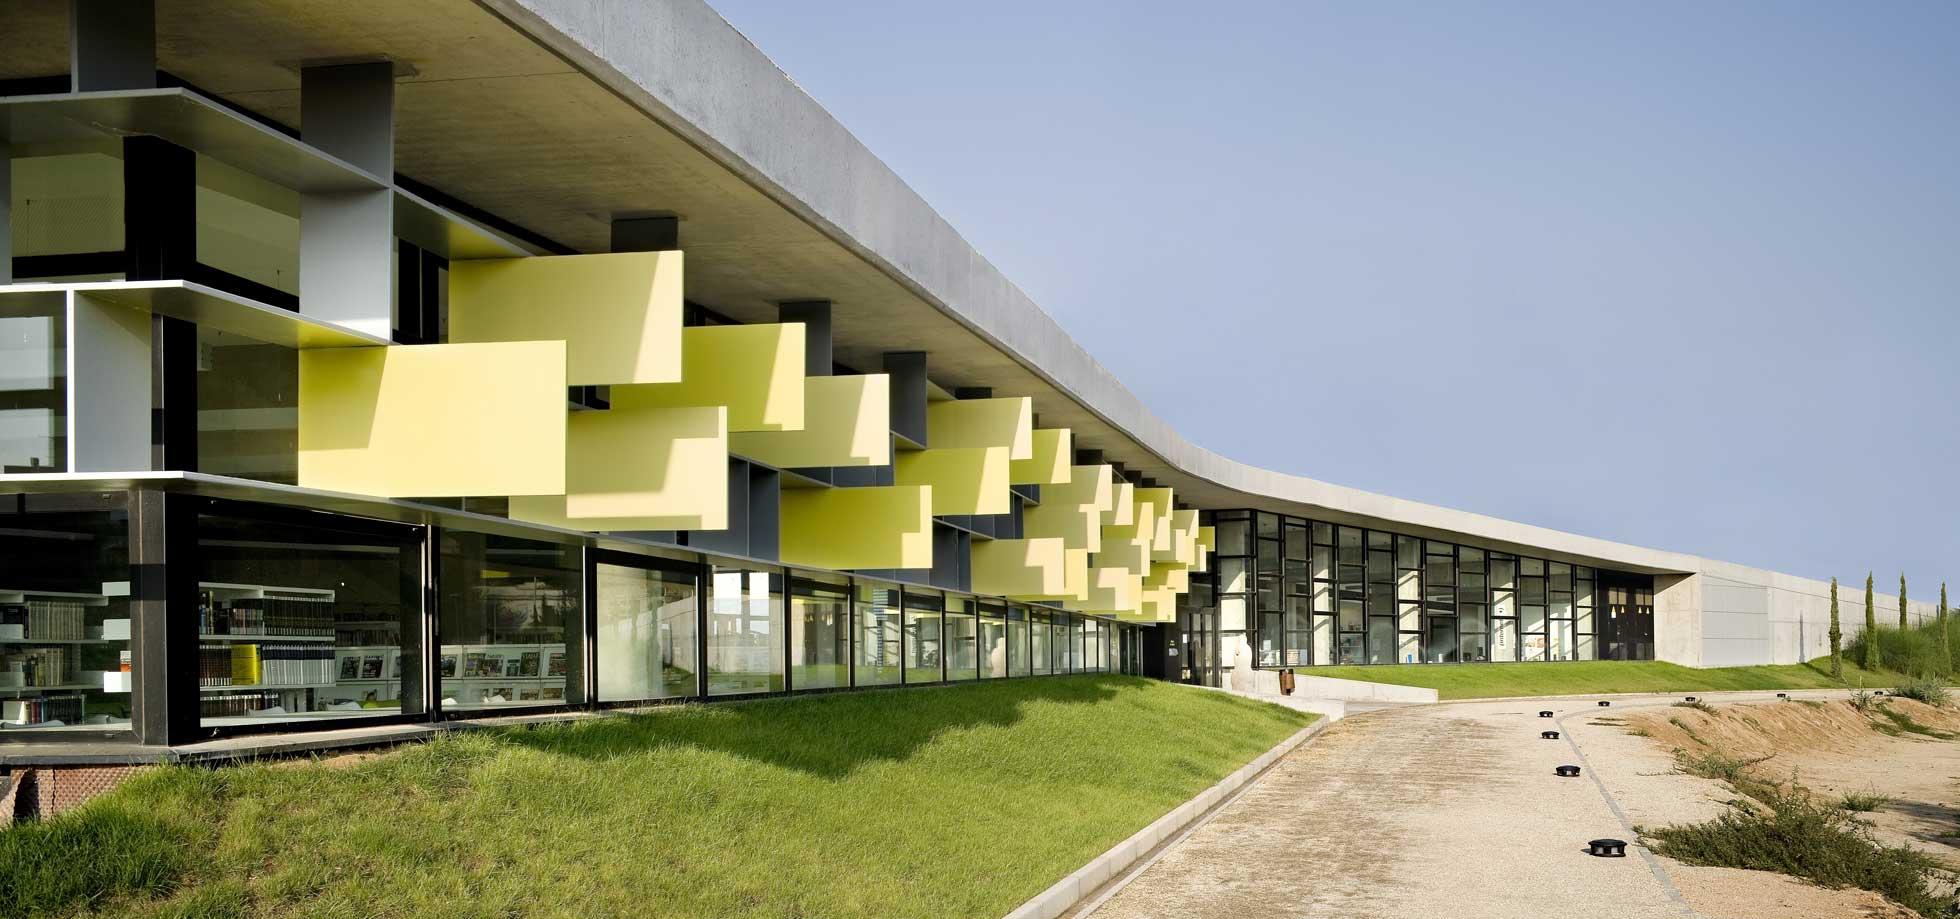 Biblioteca Llauradó 2